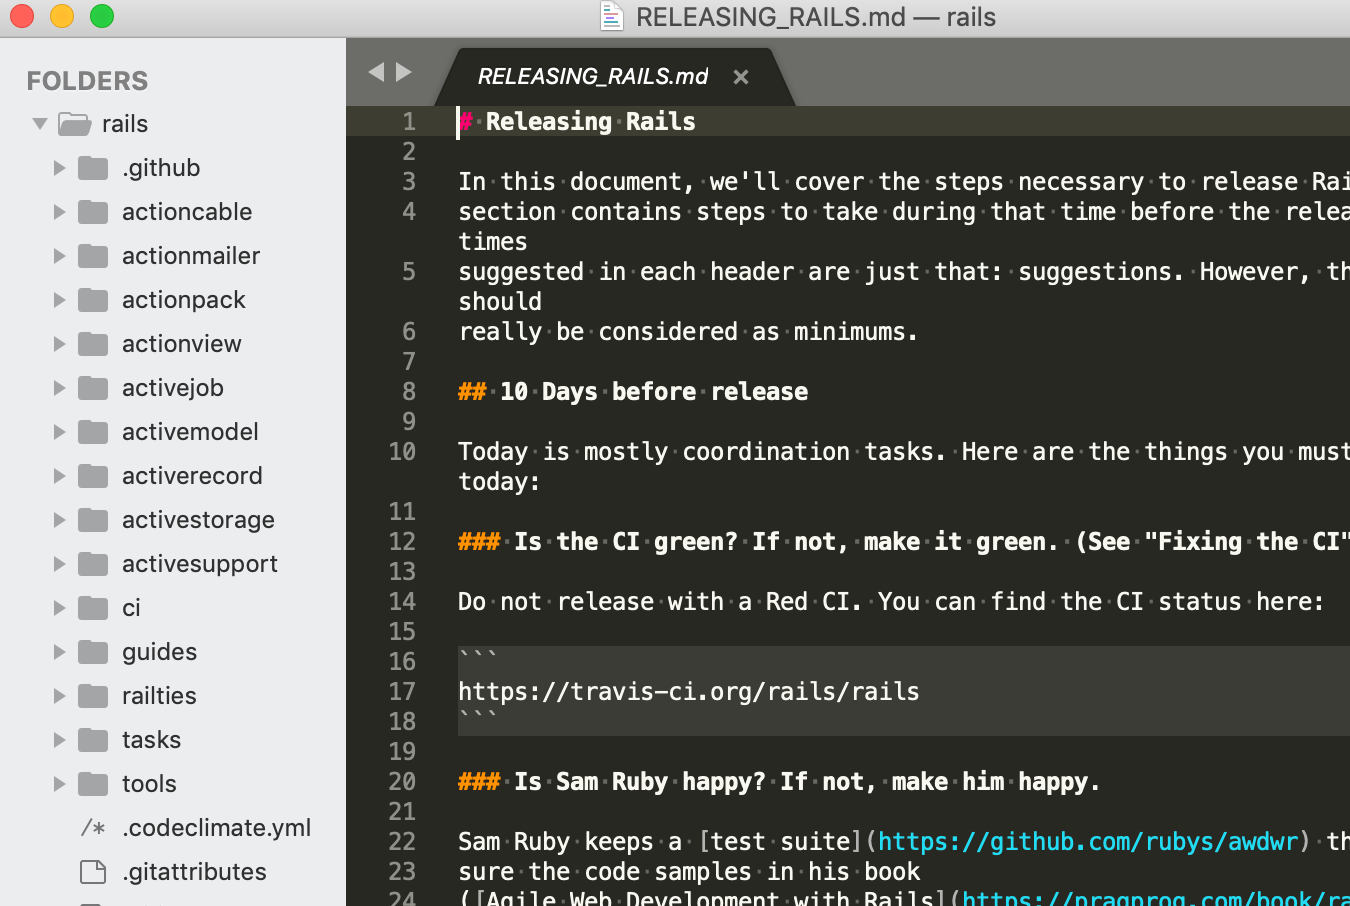 RELEASING_RAILS_md_—_rails.png